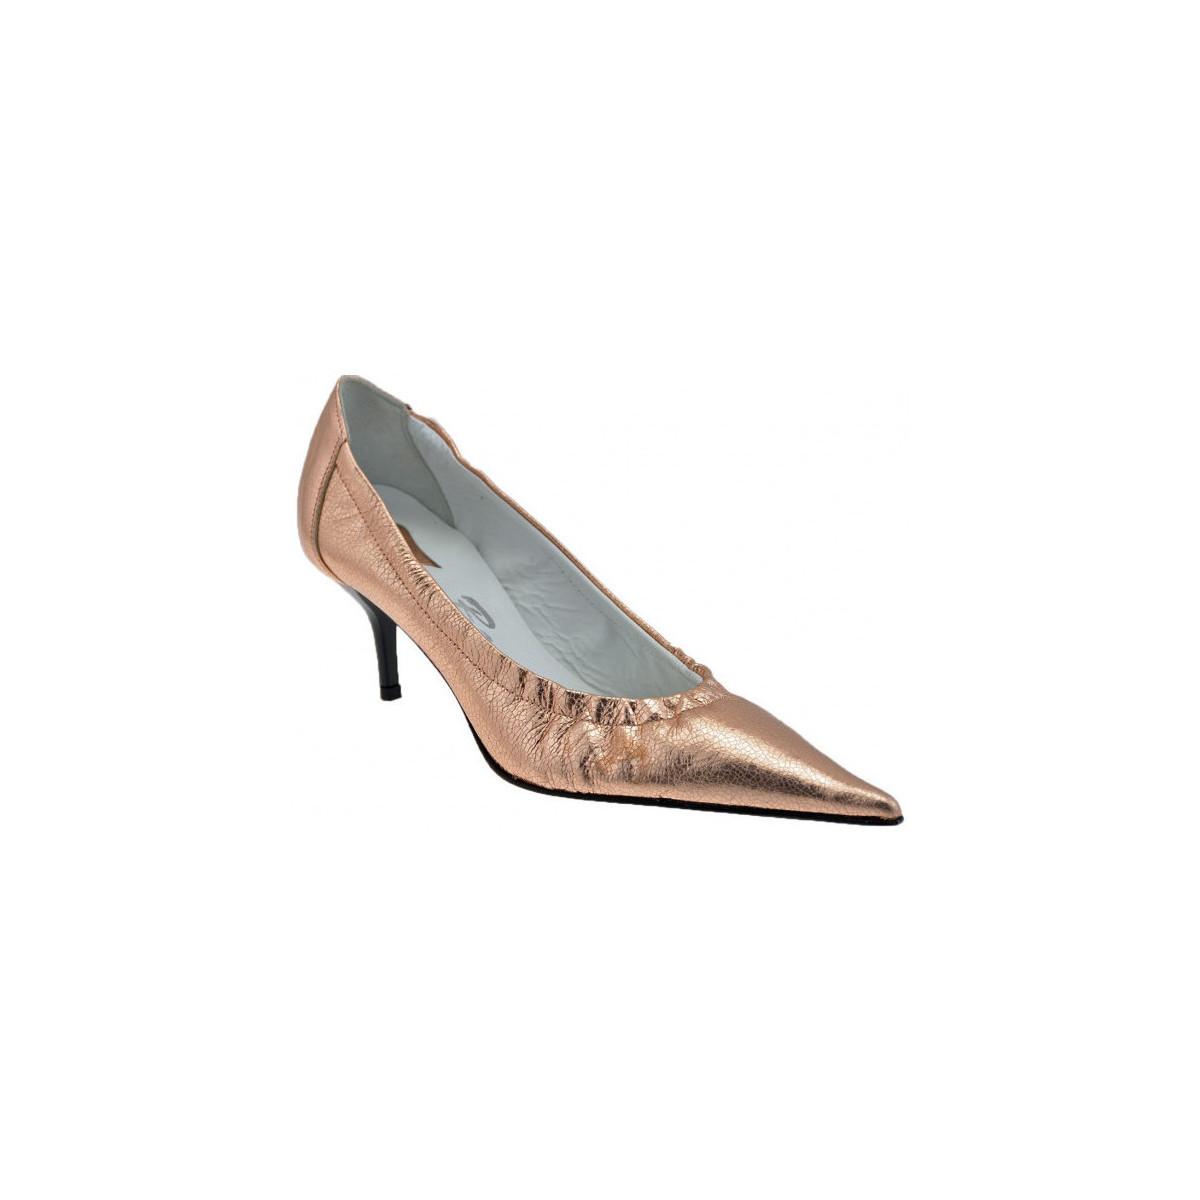 Bocci 1926 Élastique T. bord 50 Escarpins  - Chaussures Escarpins Femme